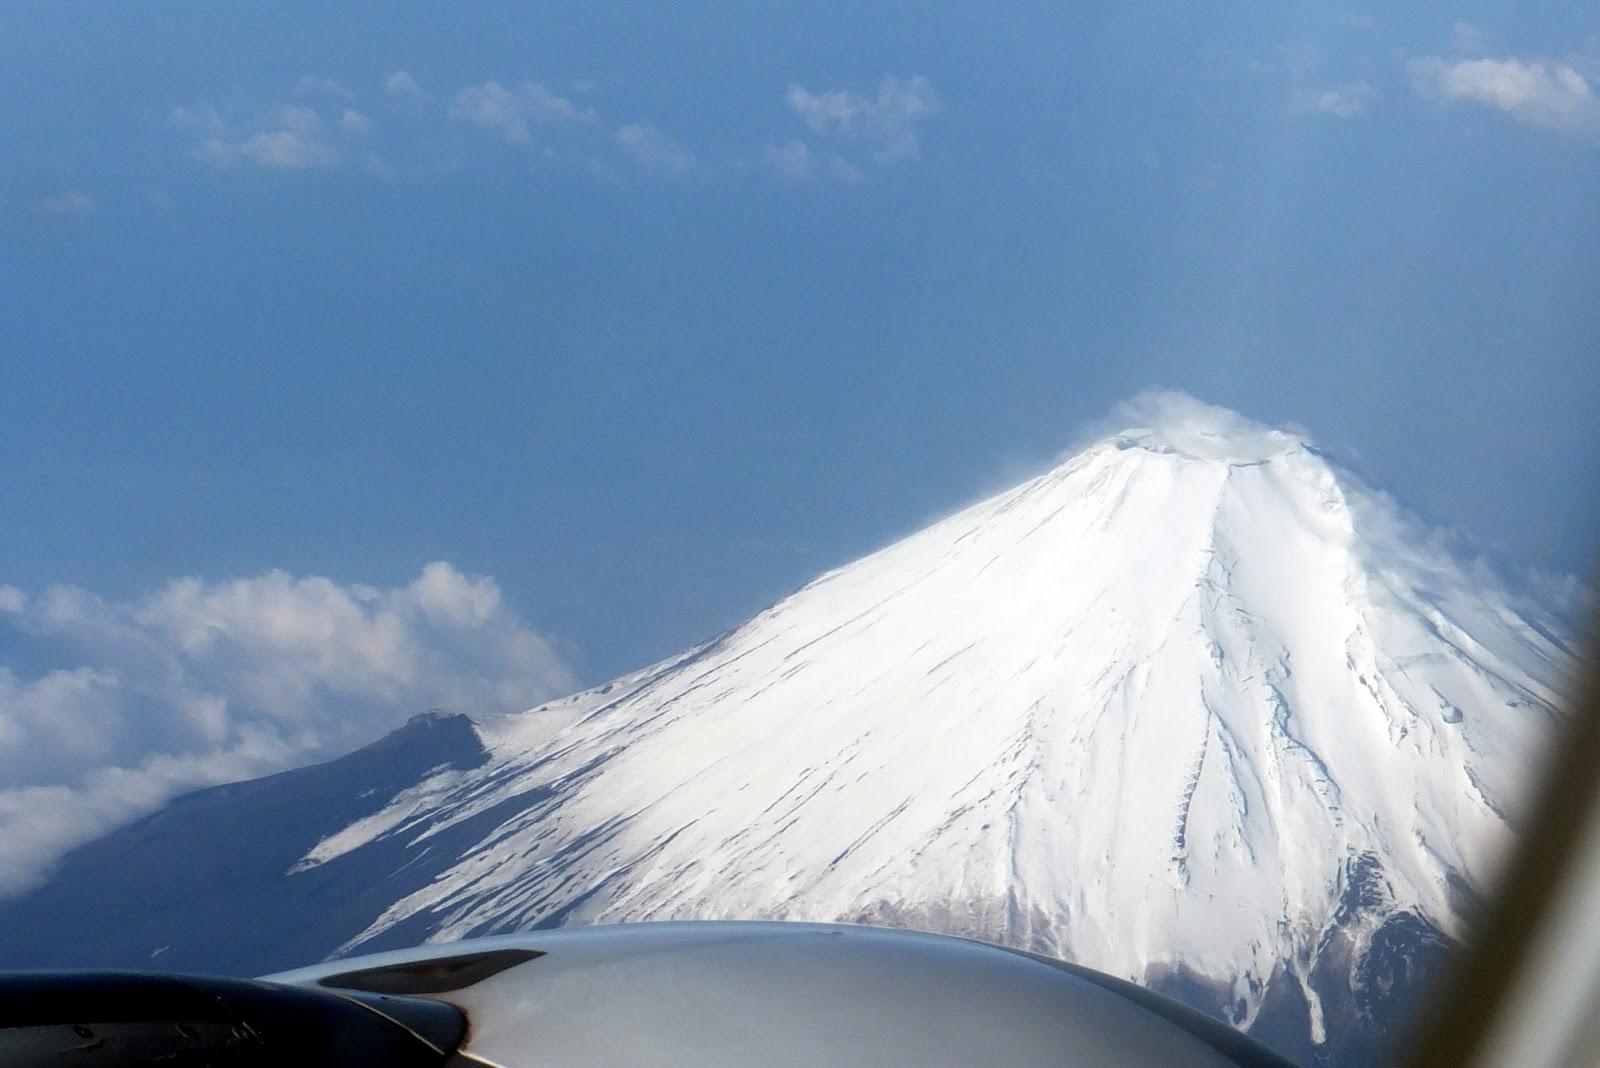 mt-fuji 富士山